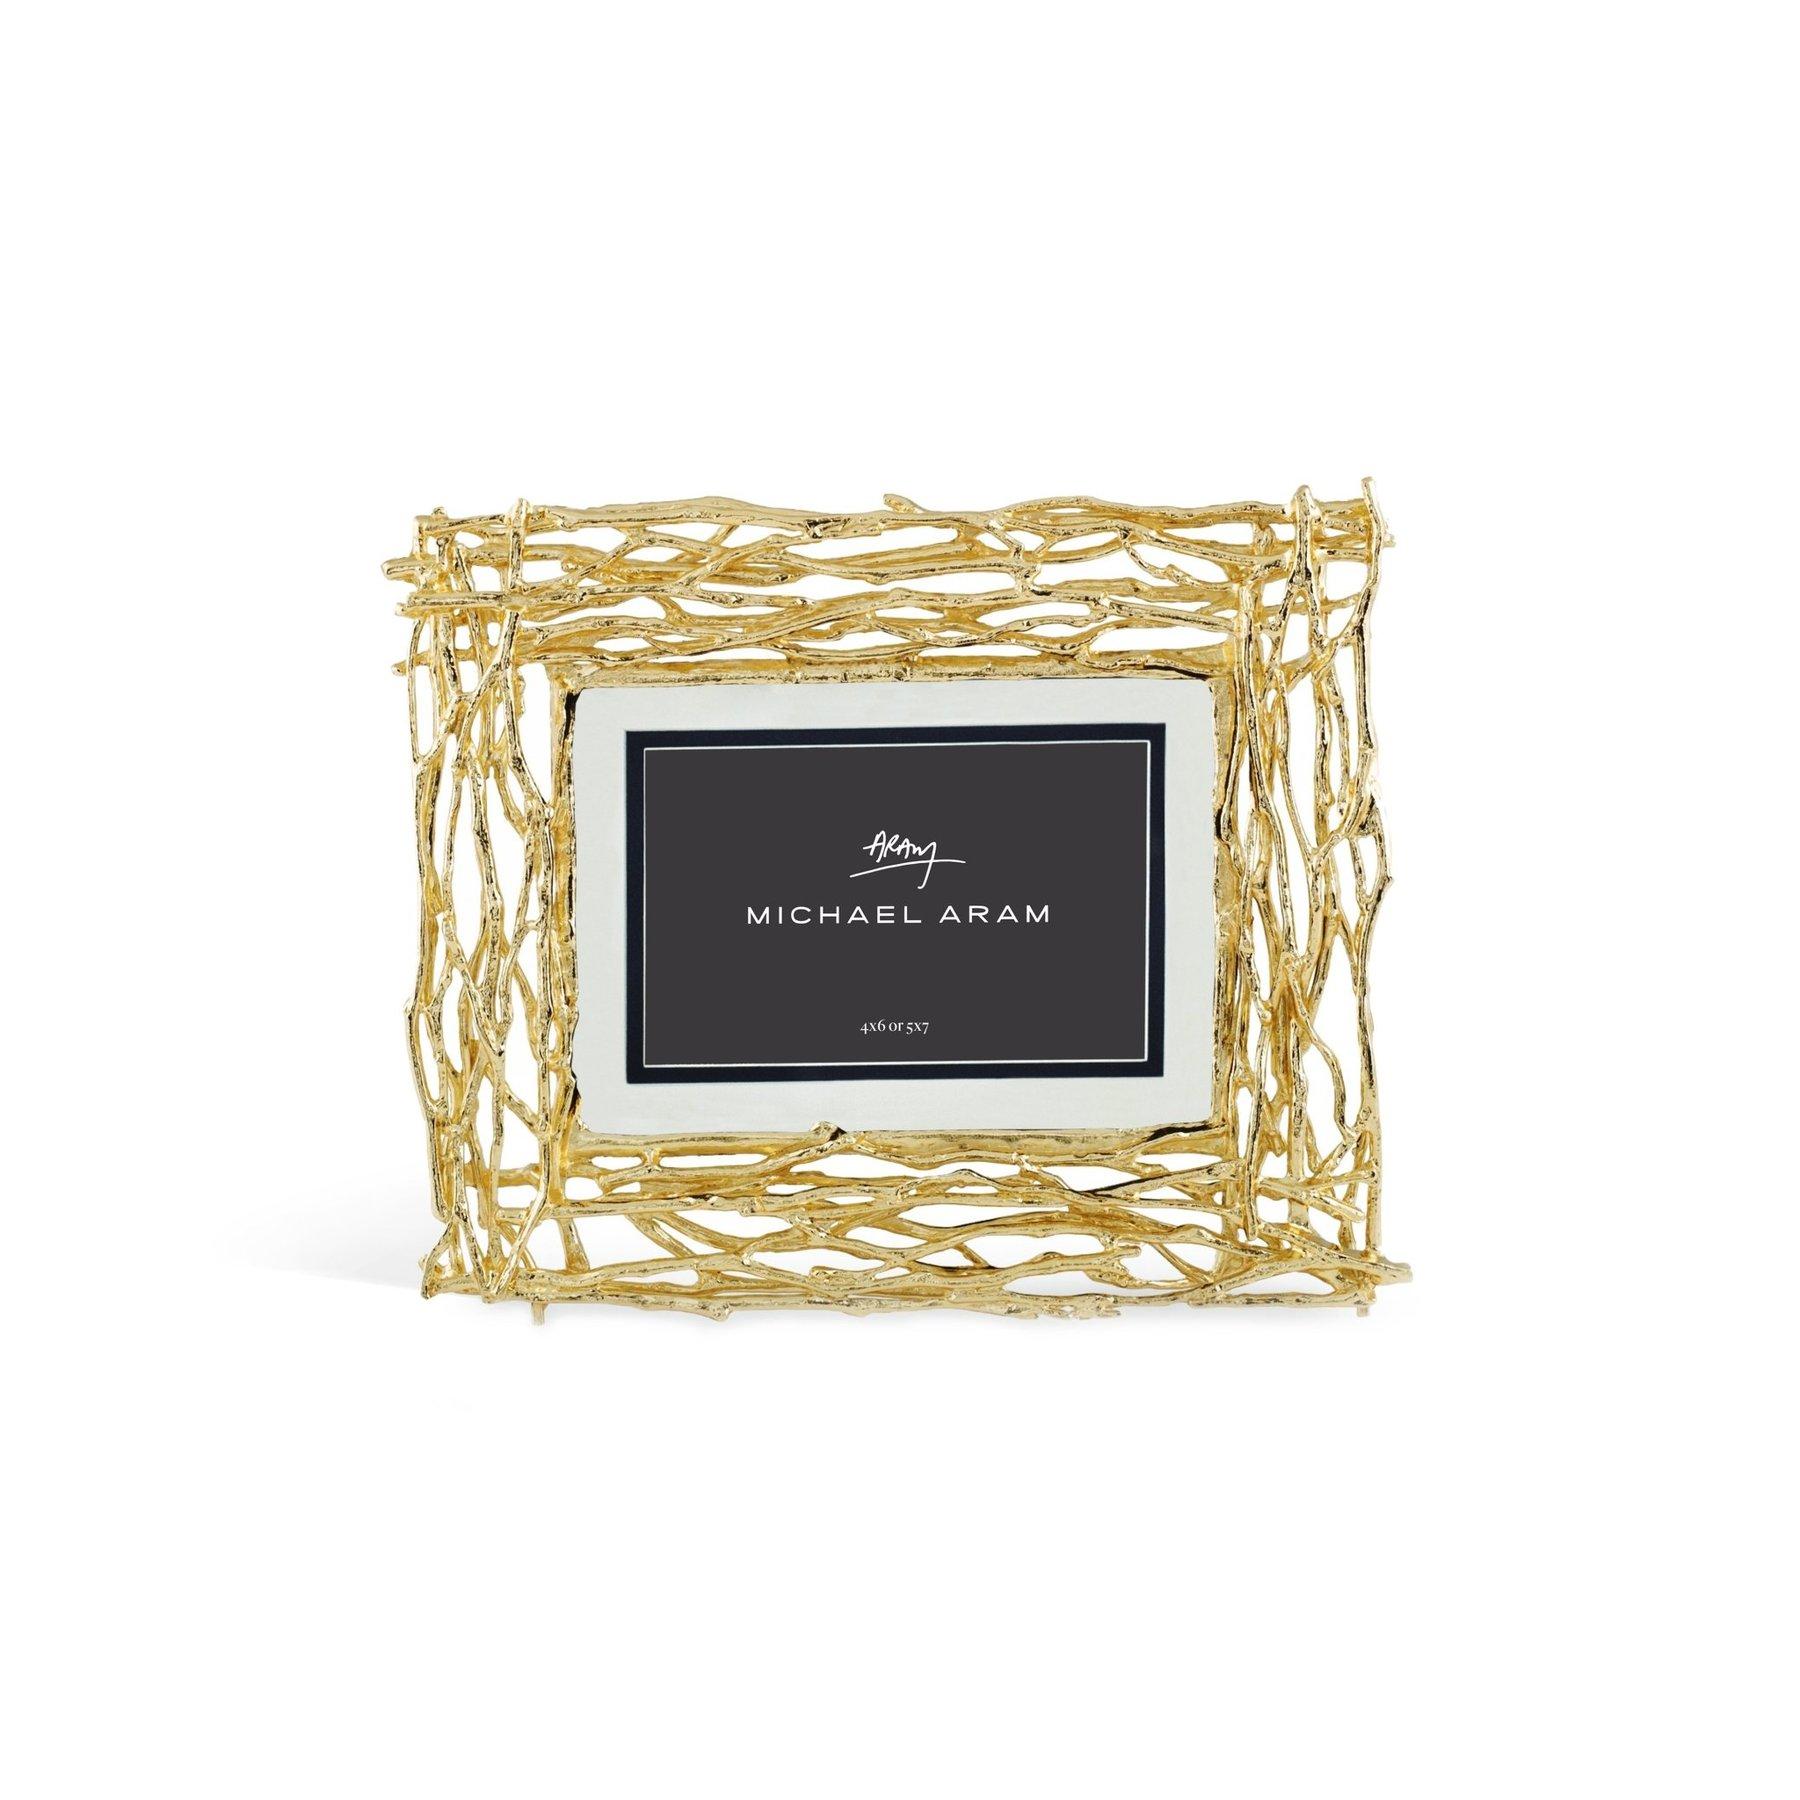 michael-aram-twig-frame-gold-994991_1800x1800